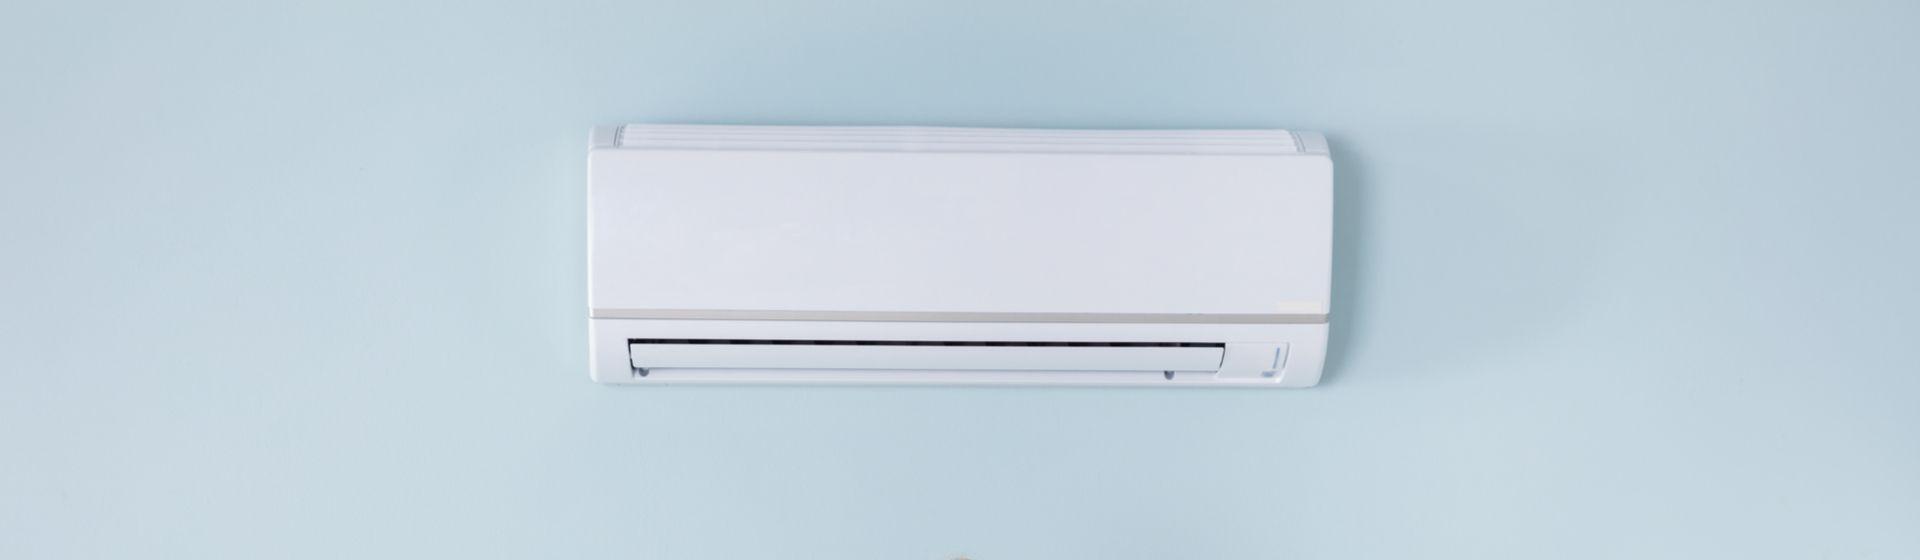 Ar-condicionado Agratto é bom?